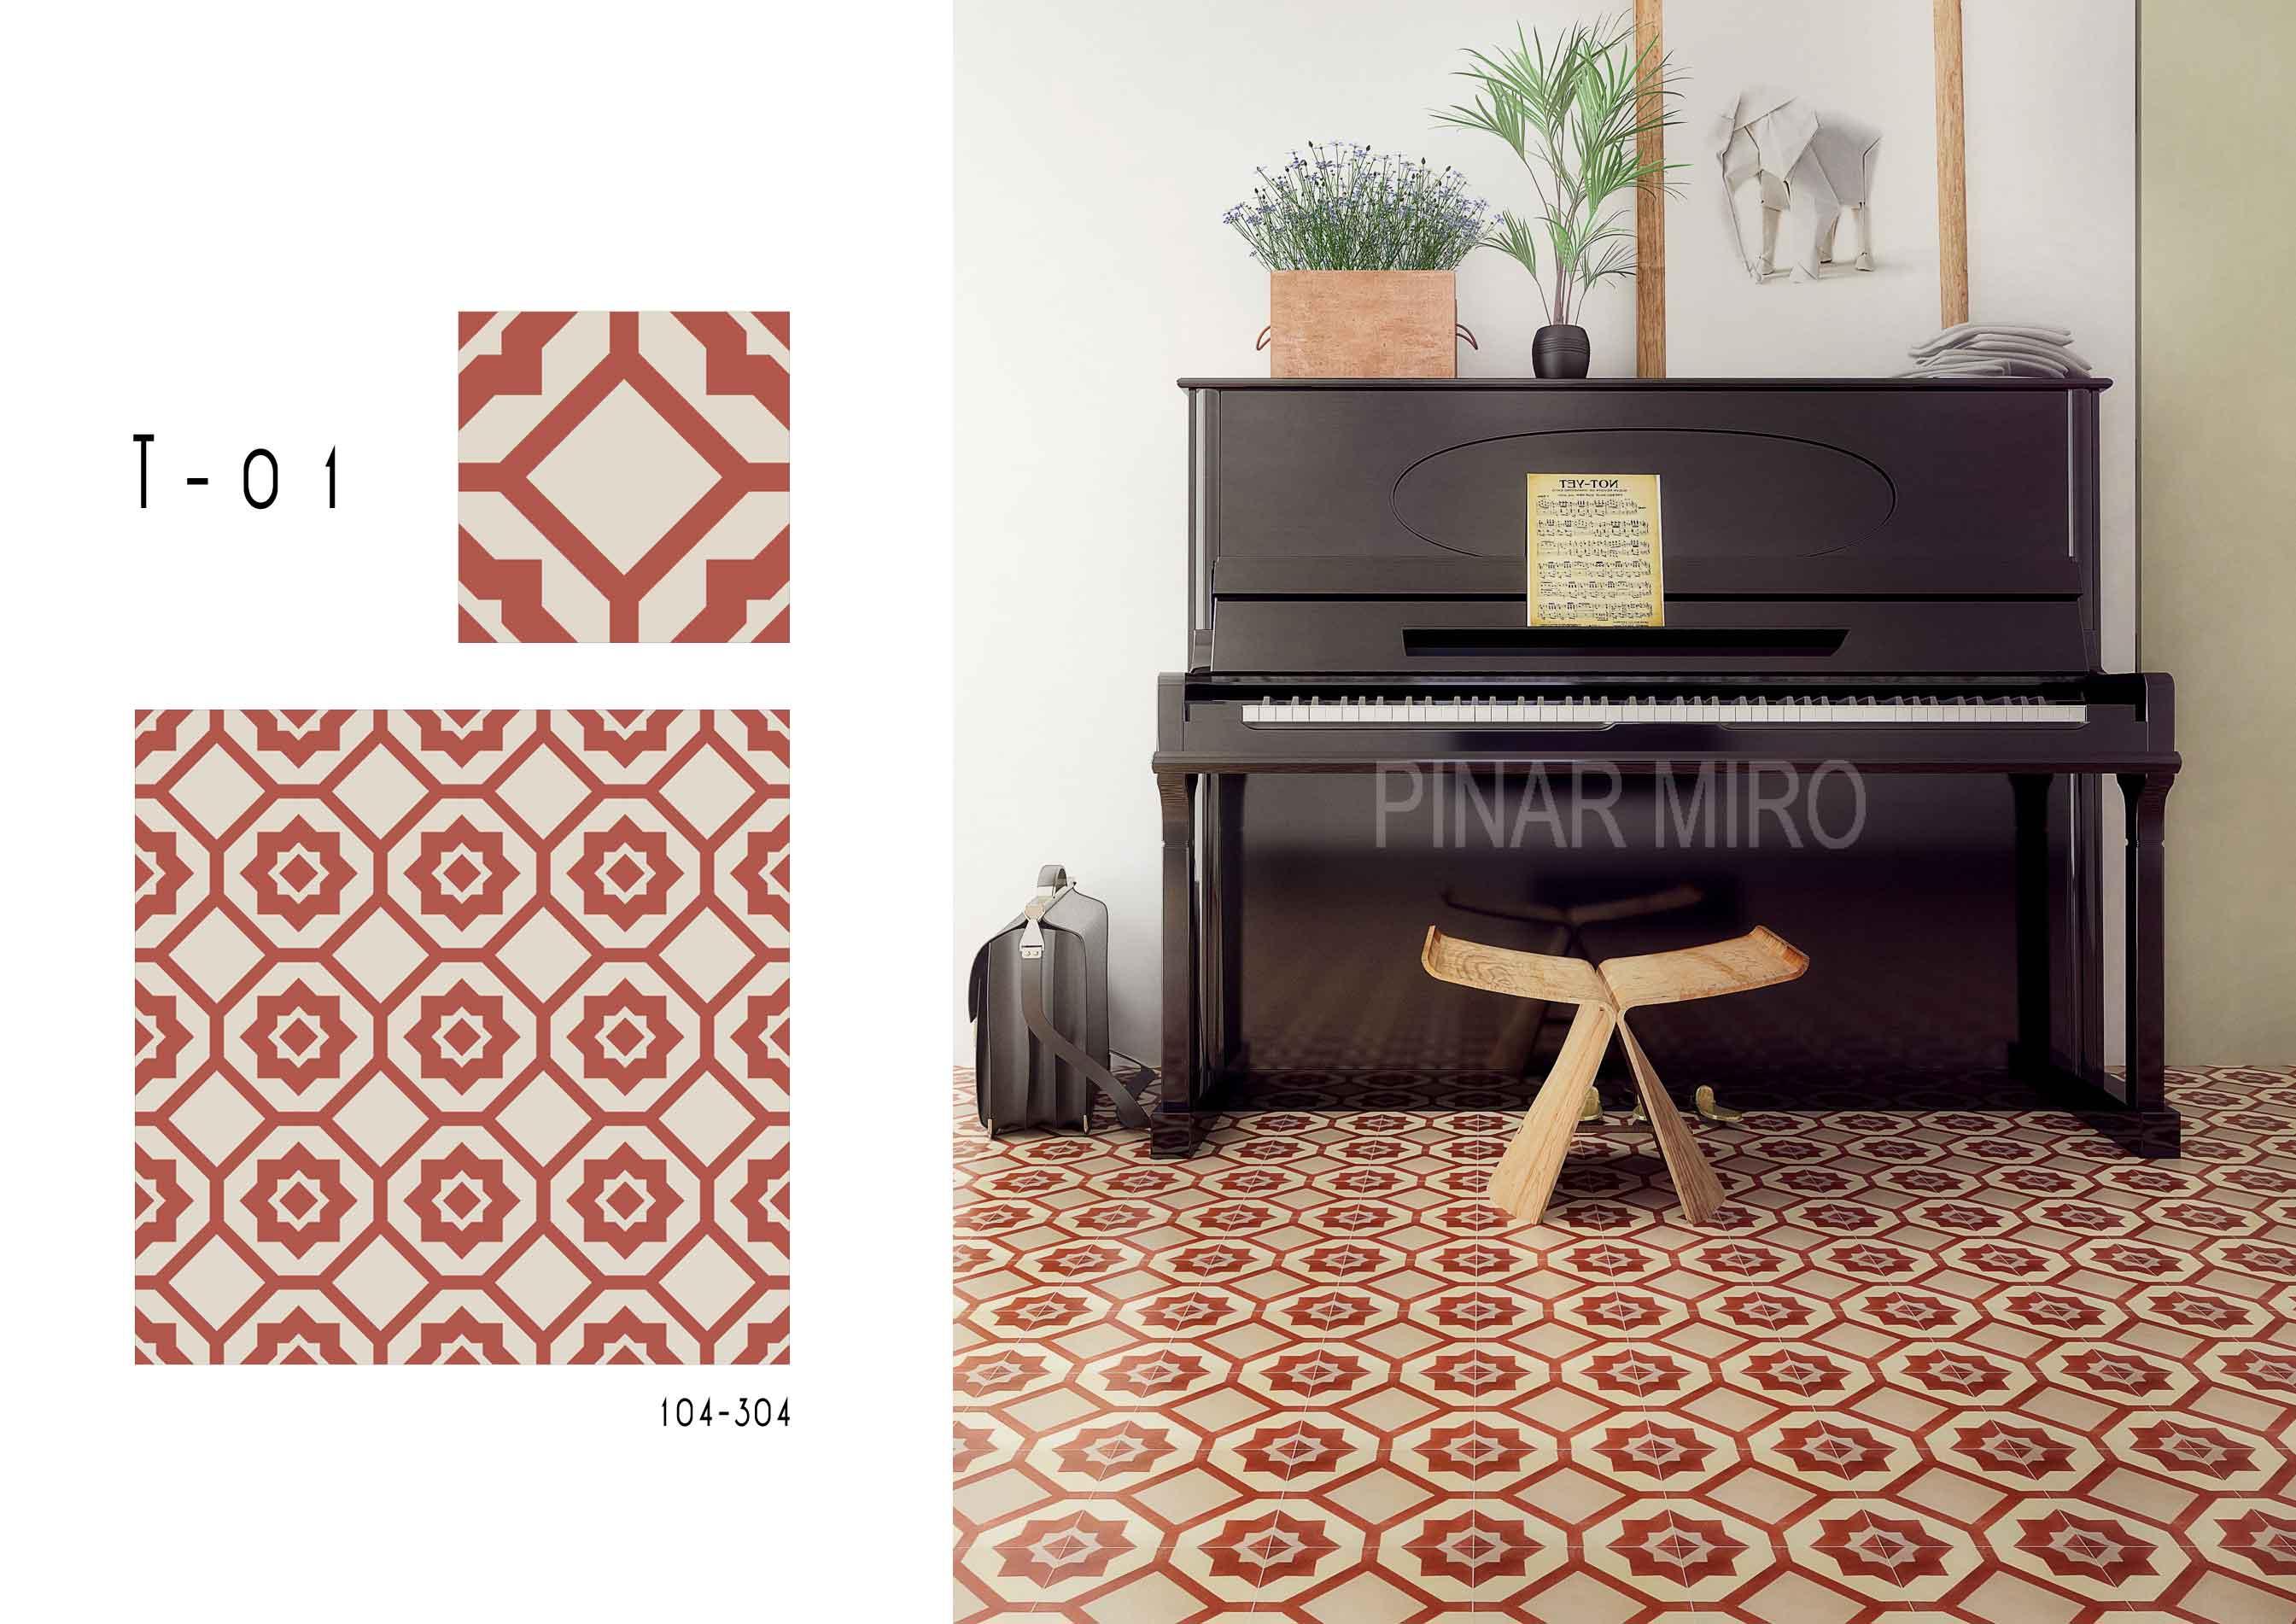 1t001-pinar-miro-cement-tiles